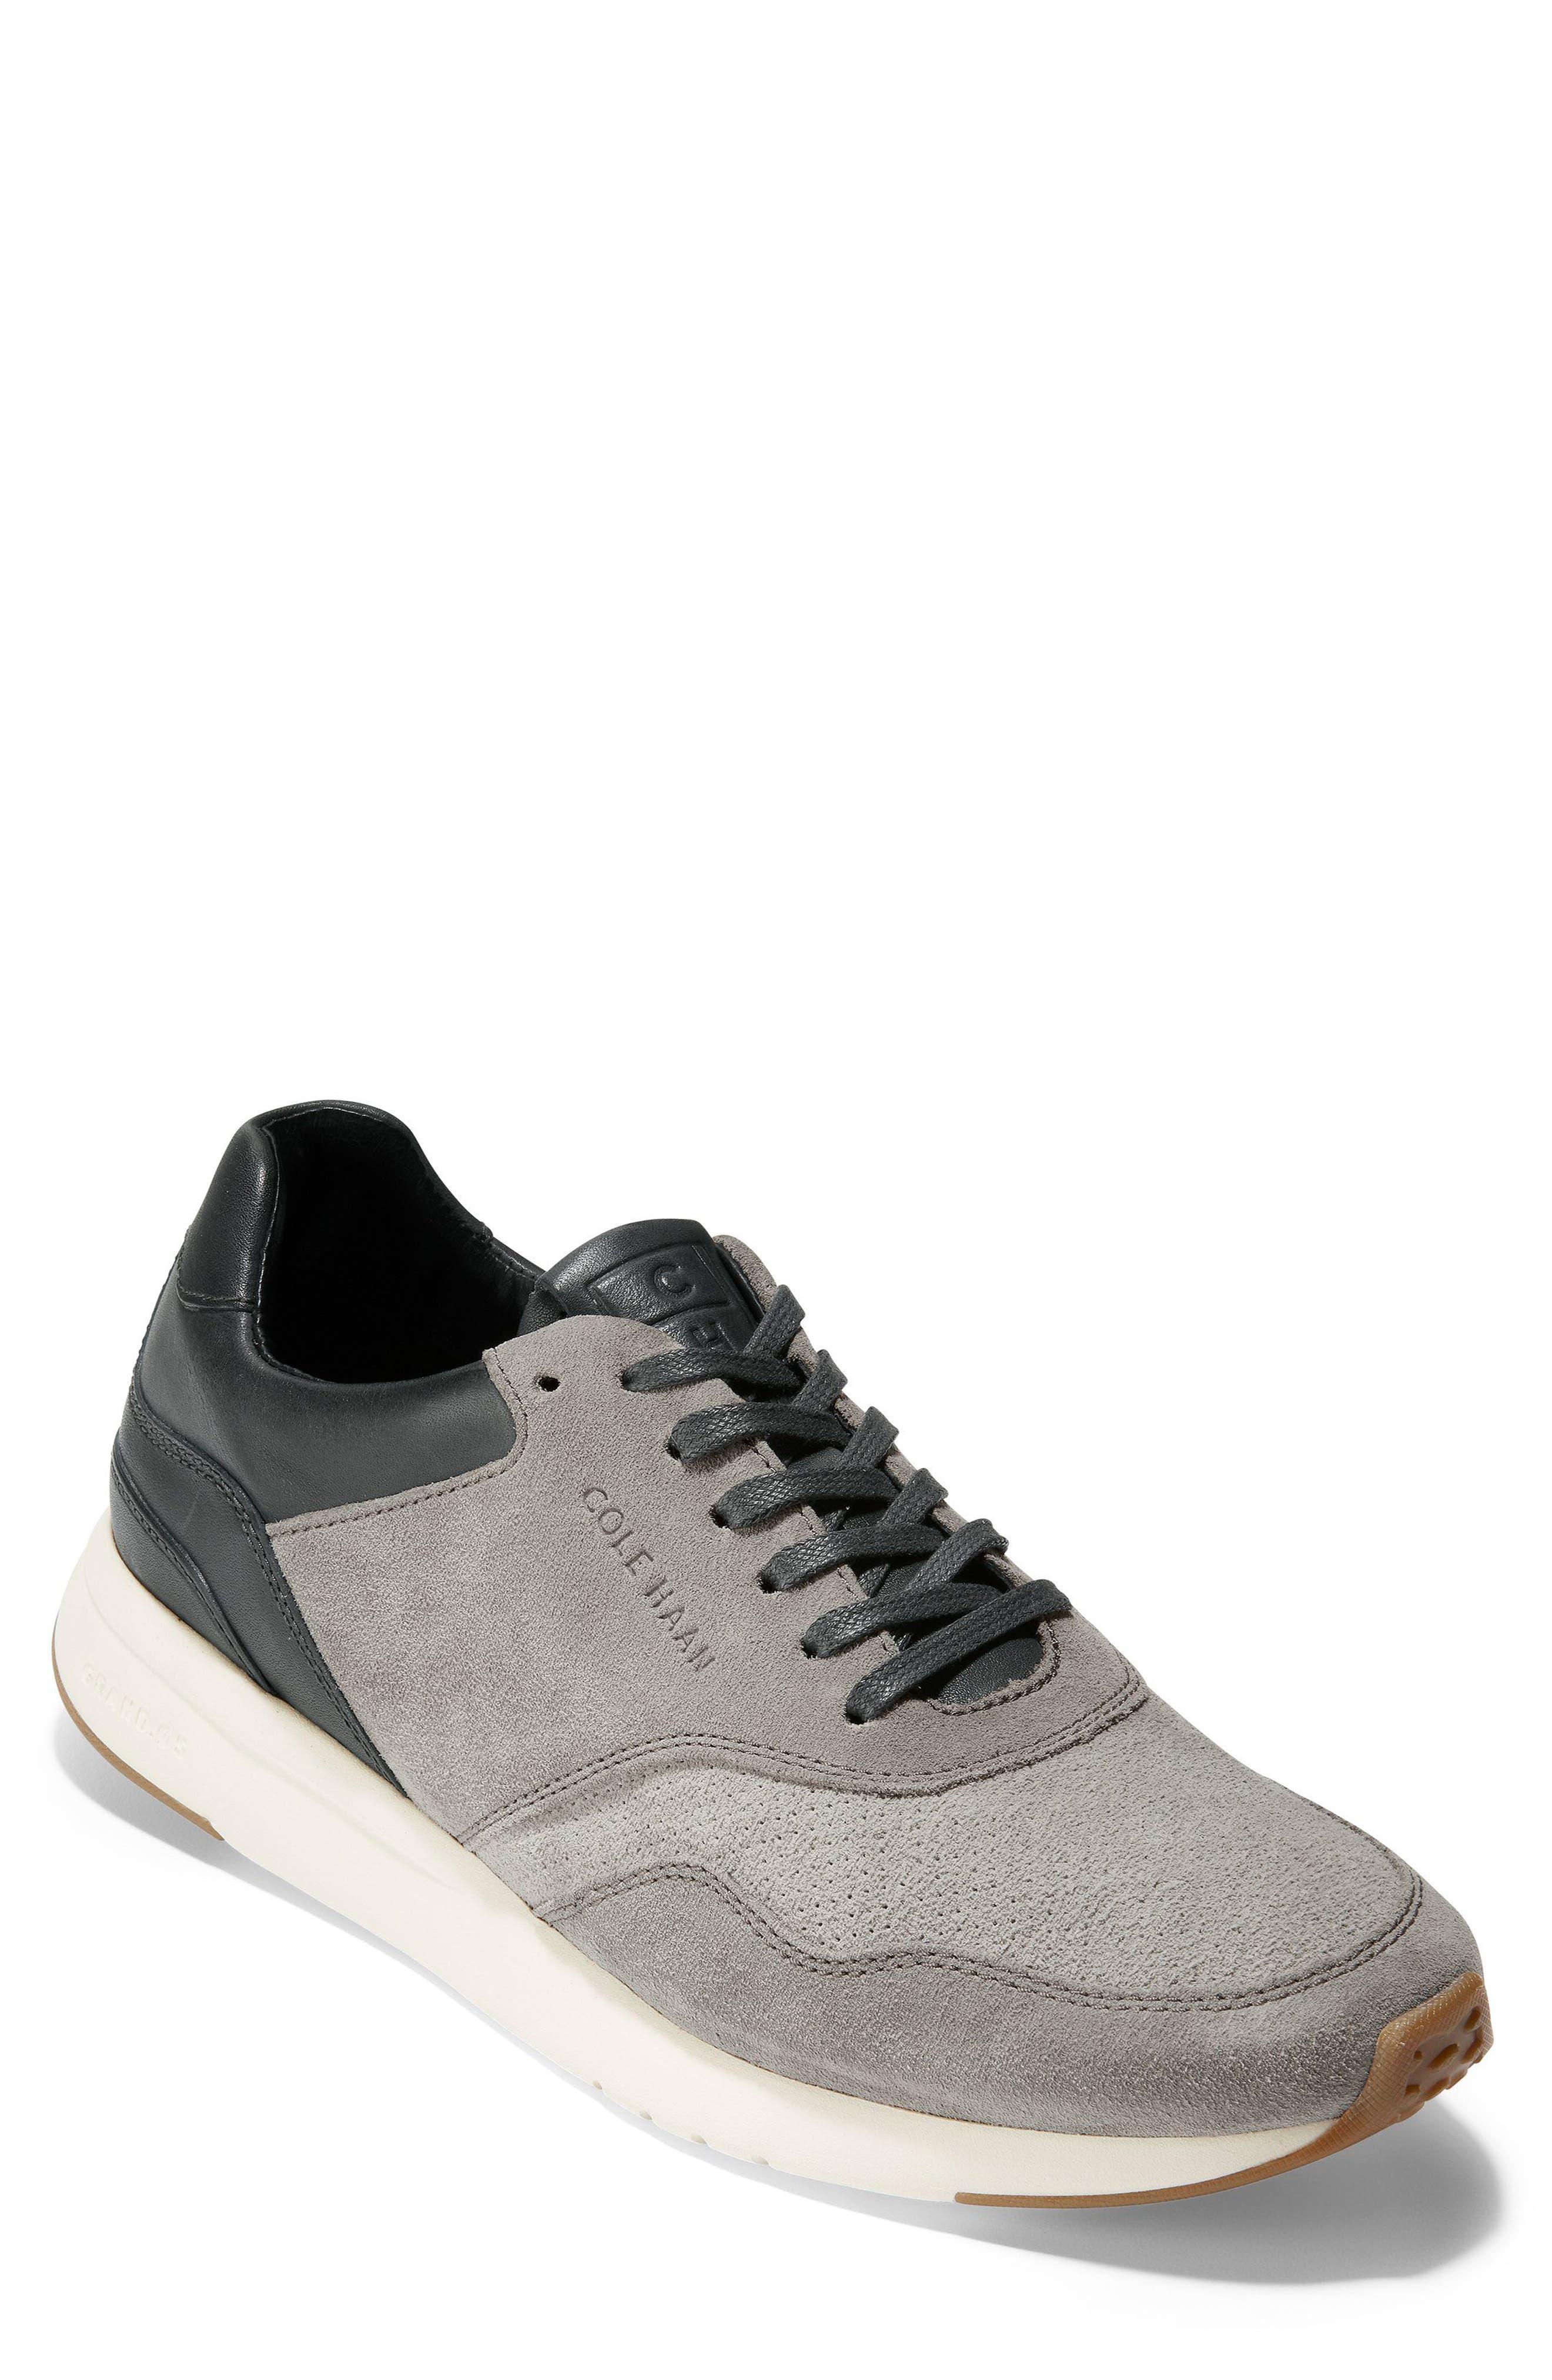 Main Image - Cole Haan GrandPro Runner Sneaker (Men)